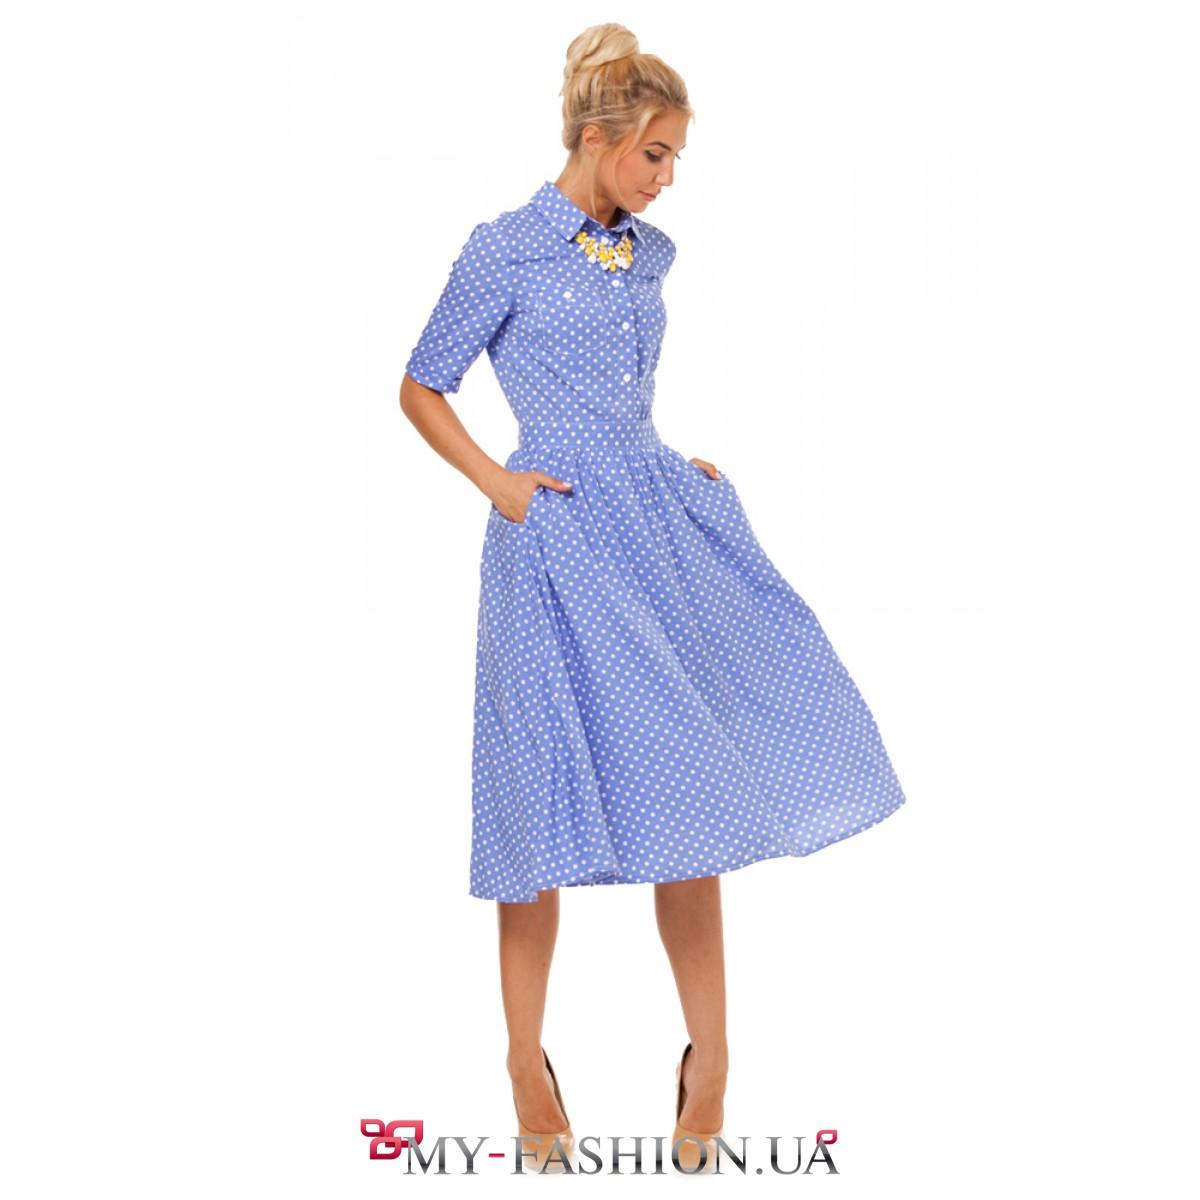 Платье голубое в горошек купить в